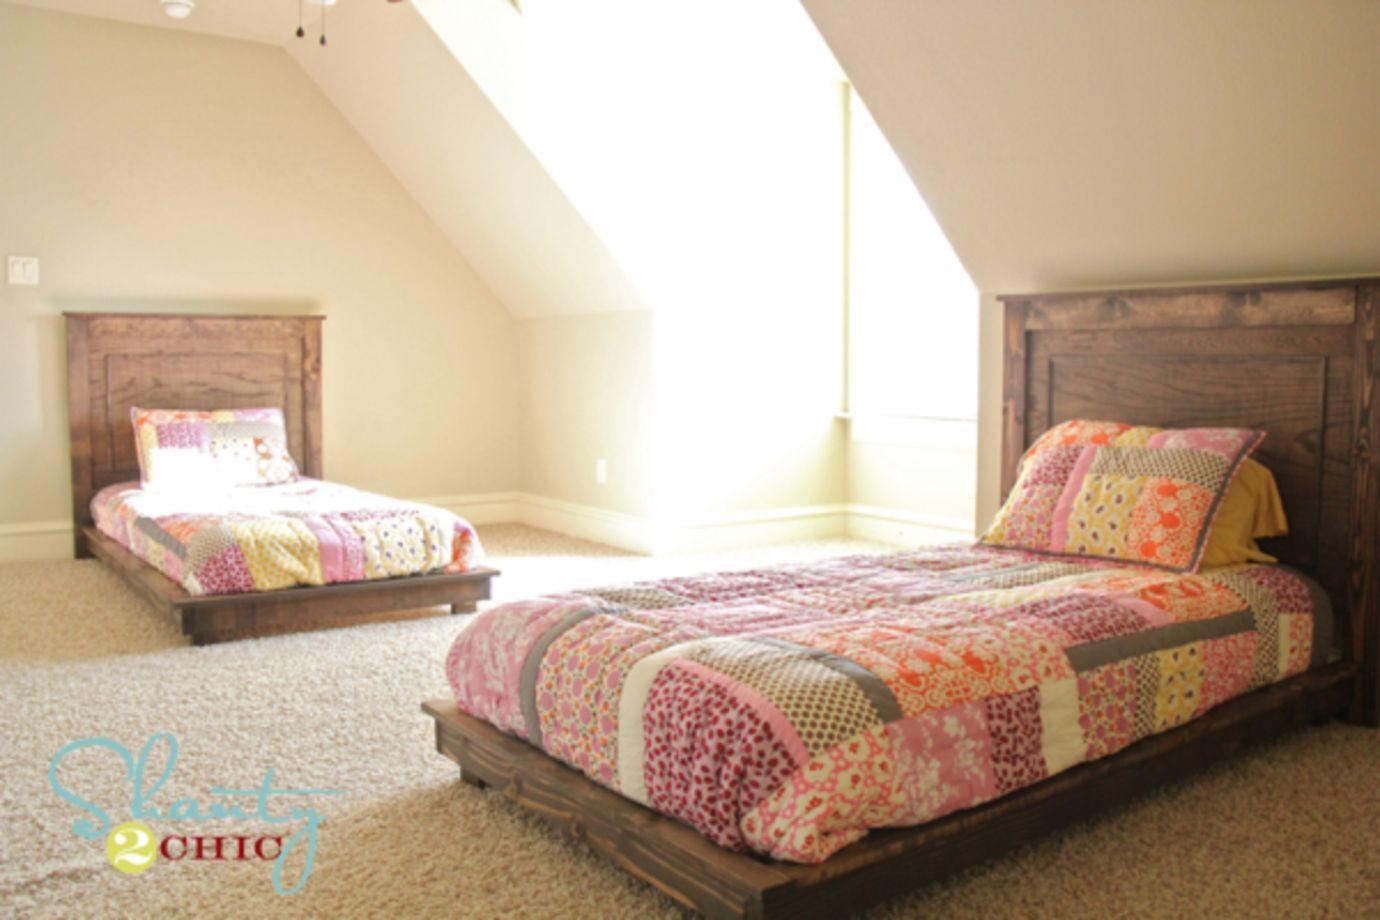 Master bedroom headboard design ideas   Lovely DIY Bed Frames Design Ideas  Bed frame design Bed